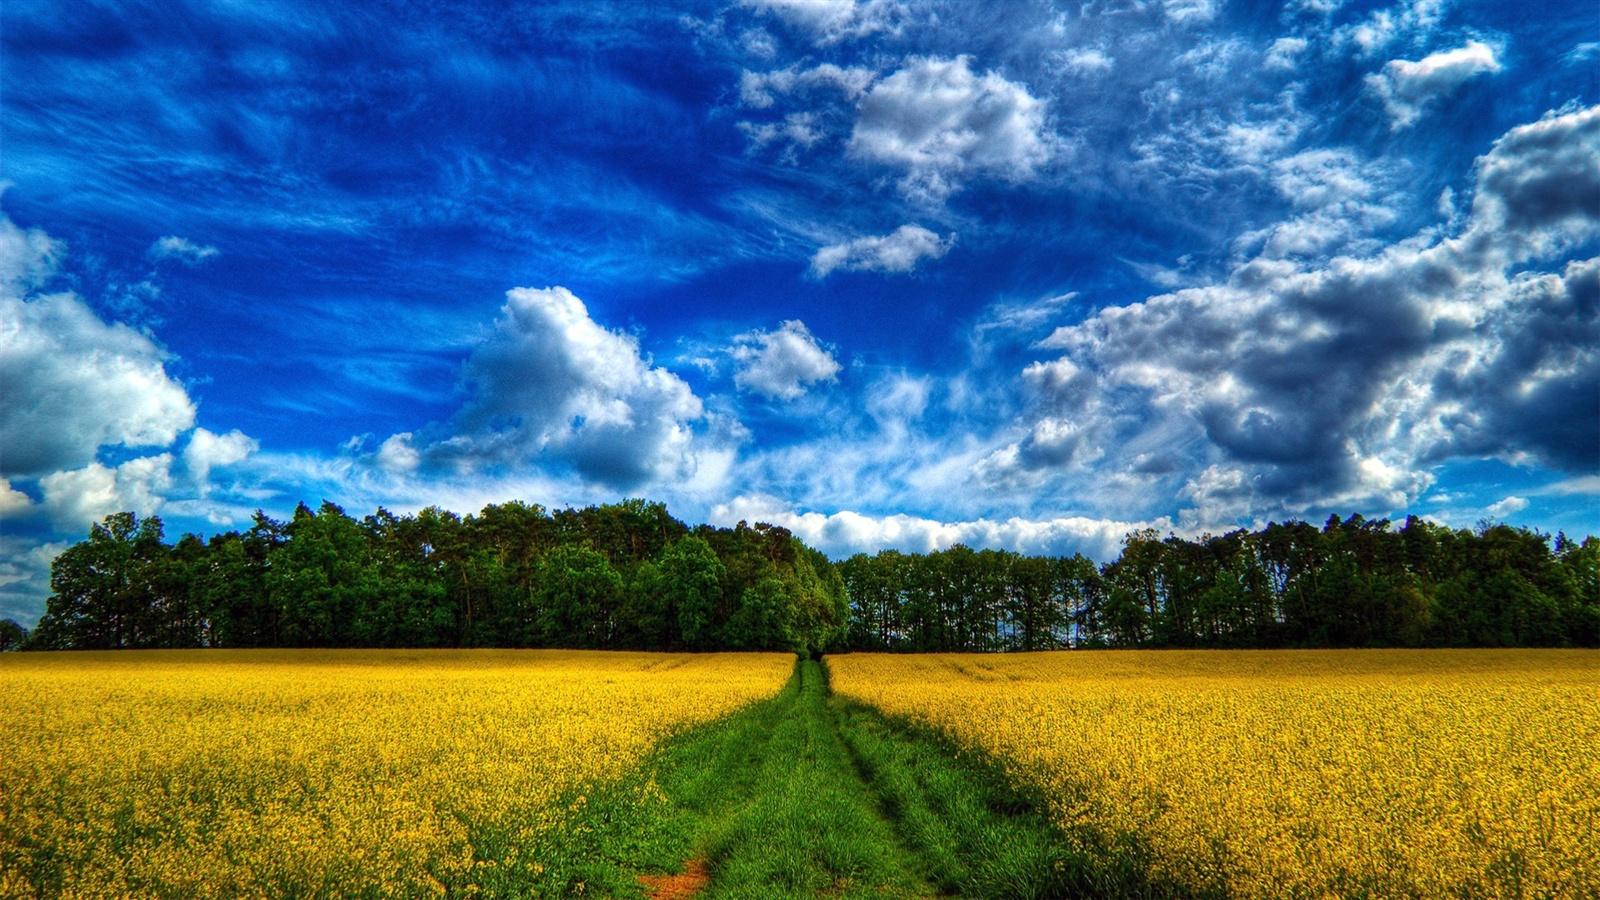 Красивые картинки неба и полей